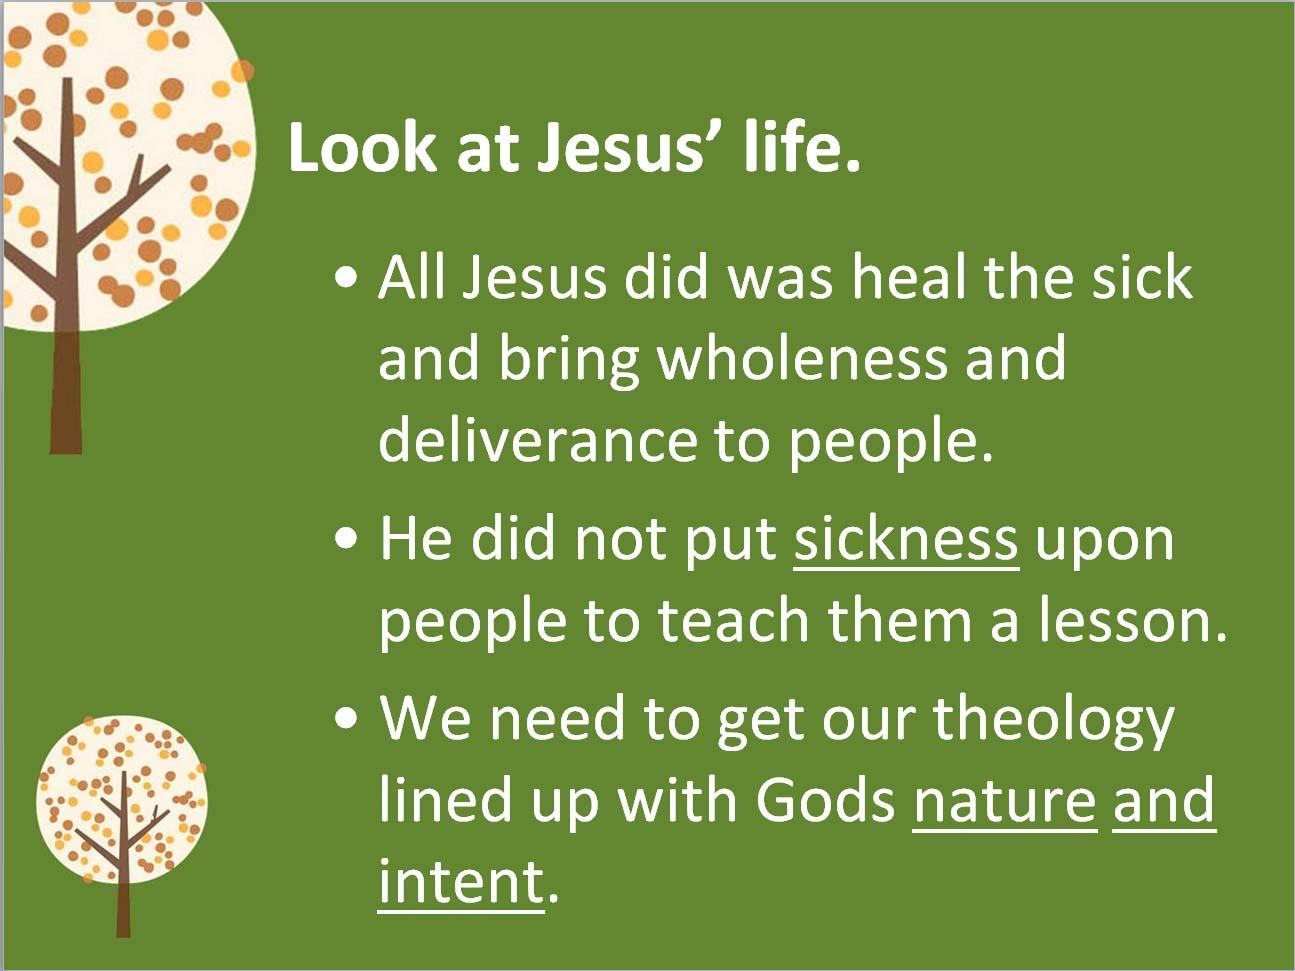 jesus healing the sick quotes quotesgram